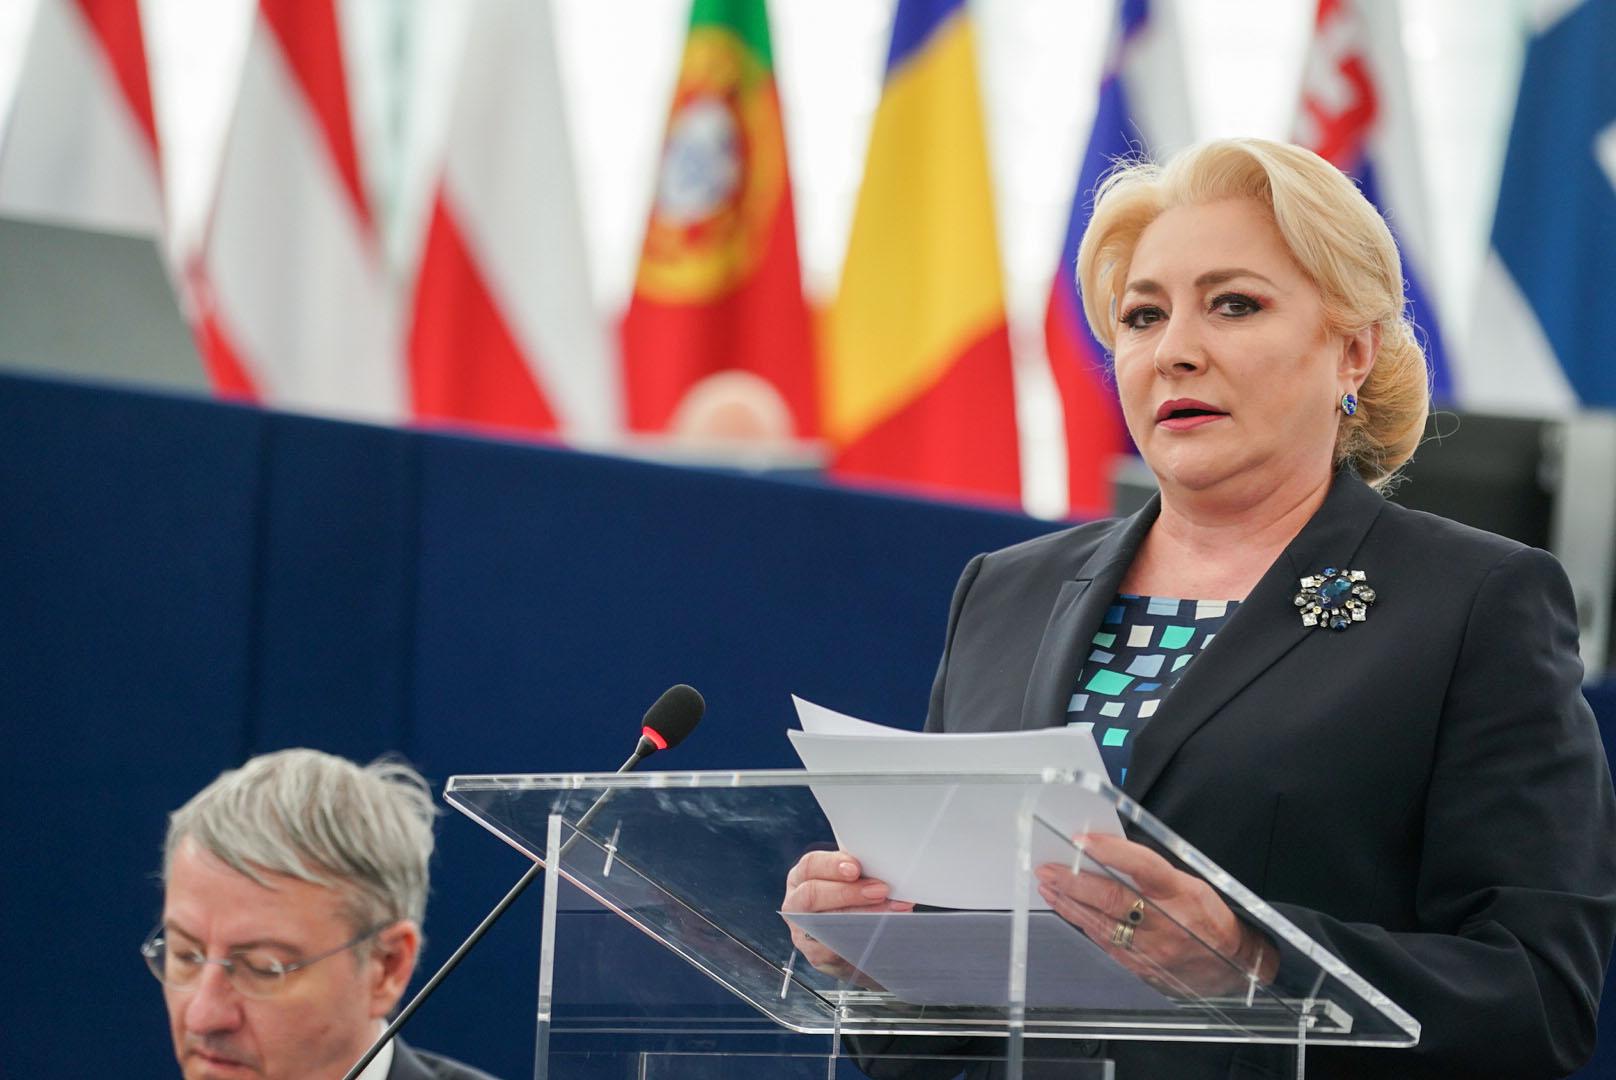 Εντείνεται η πολιτική κρίση στην Ρουμανία λίγους μήνες πριν τις προεδρικές εκλογές